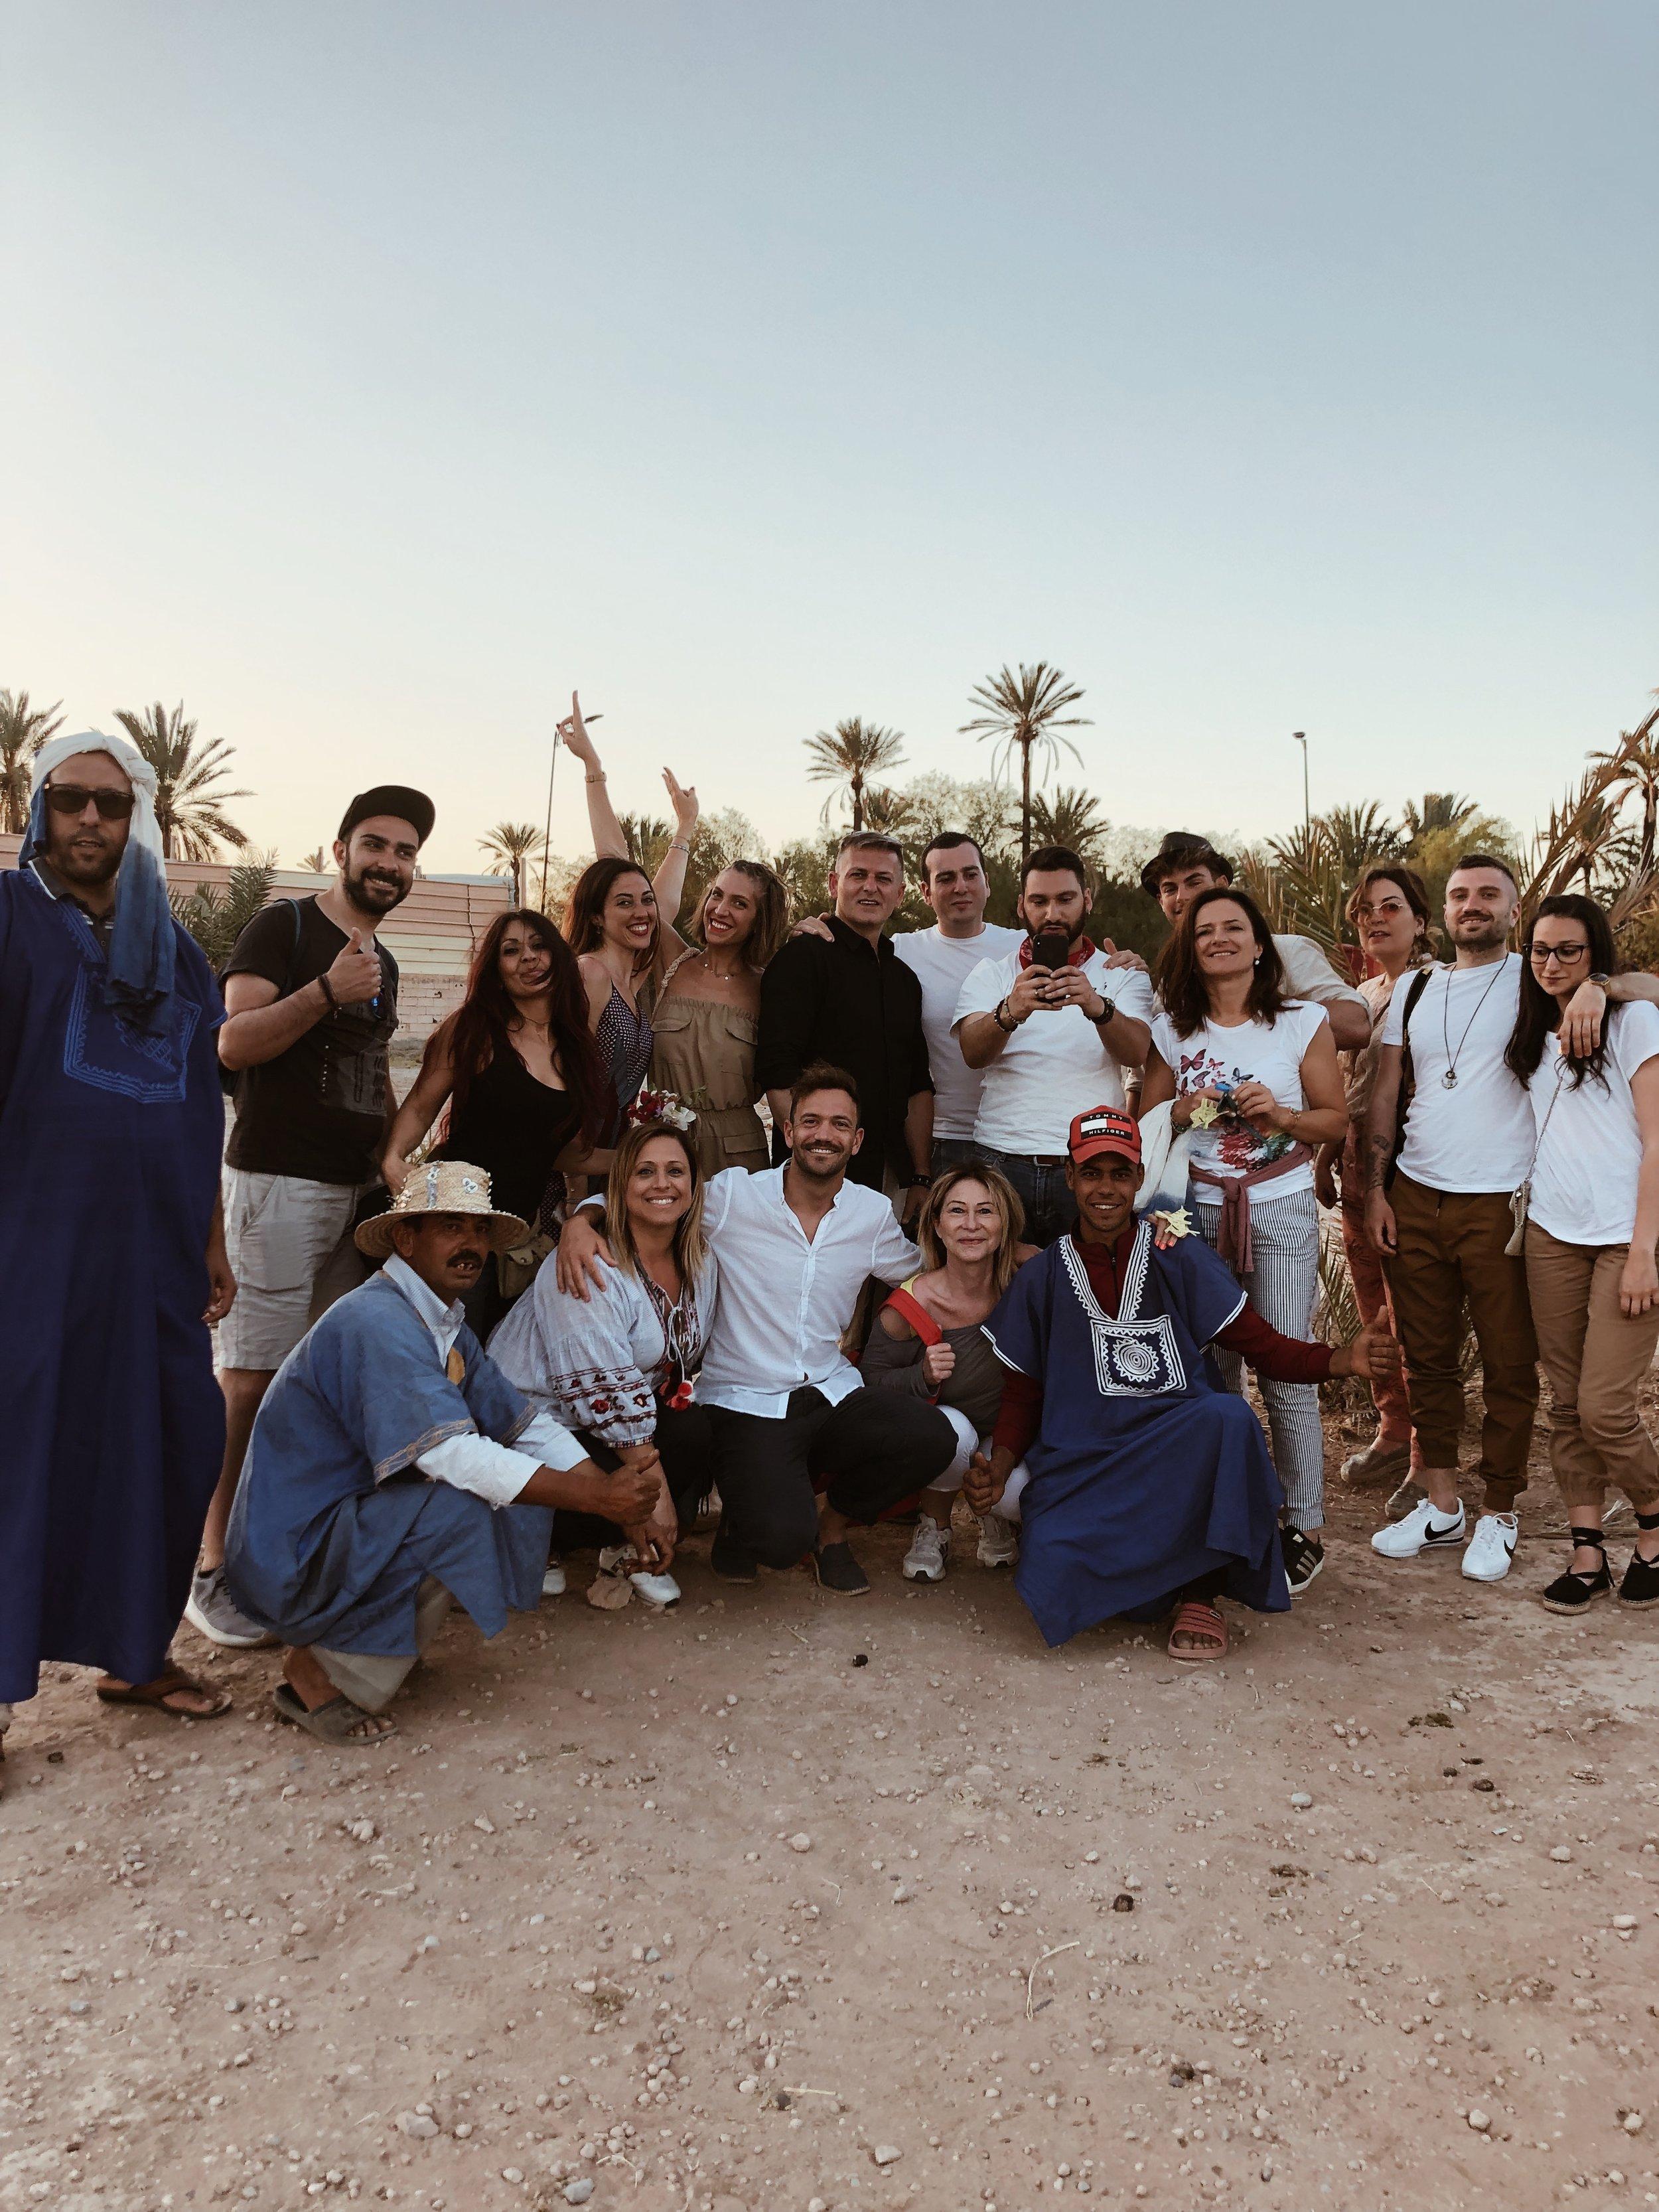 Viaggio di gruppo - Marrakech